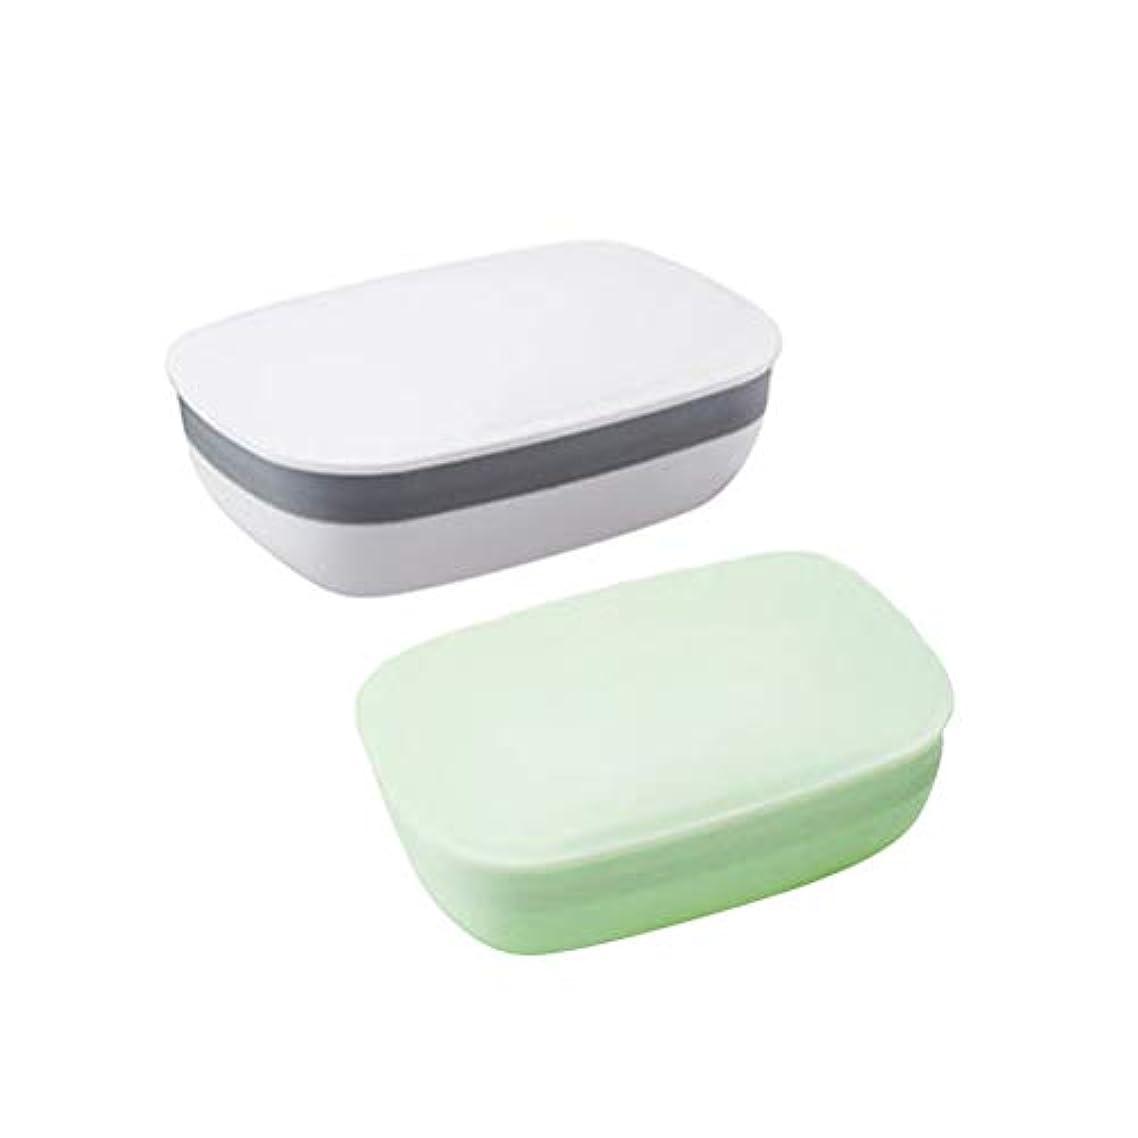 Healifty ソープドレーナープラスチックソープホルダーコンテナソープセーバーボックスケース浴室用シャワーホームアウトドア旅行セット2(ランダムカラー)